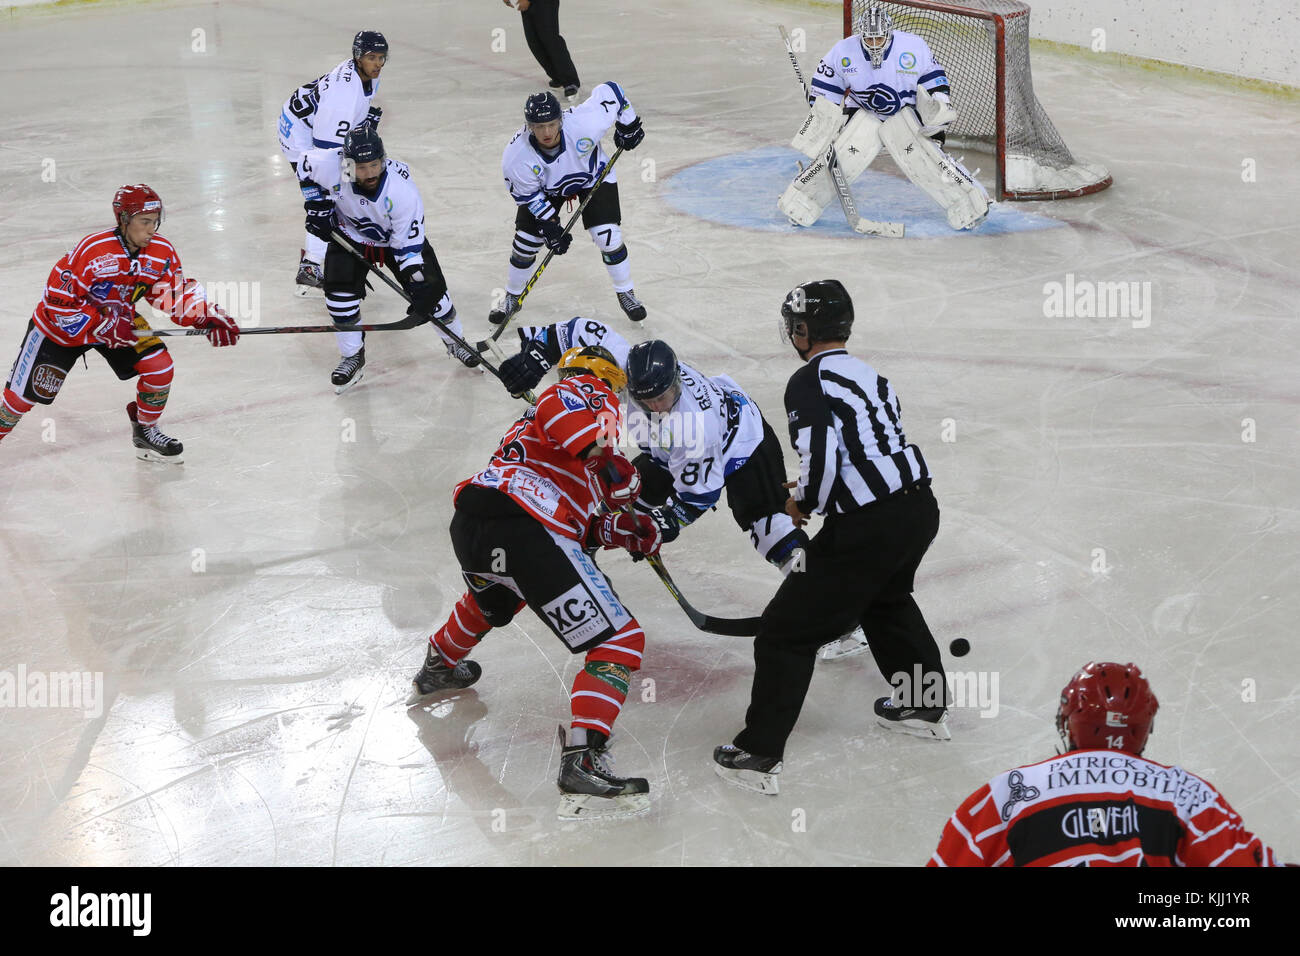 Coincidencia de hockey sobre hielo. El Mont-Blanc vs Nantes. Francia. Imagen De Stock